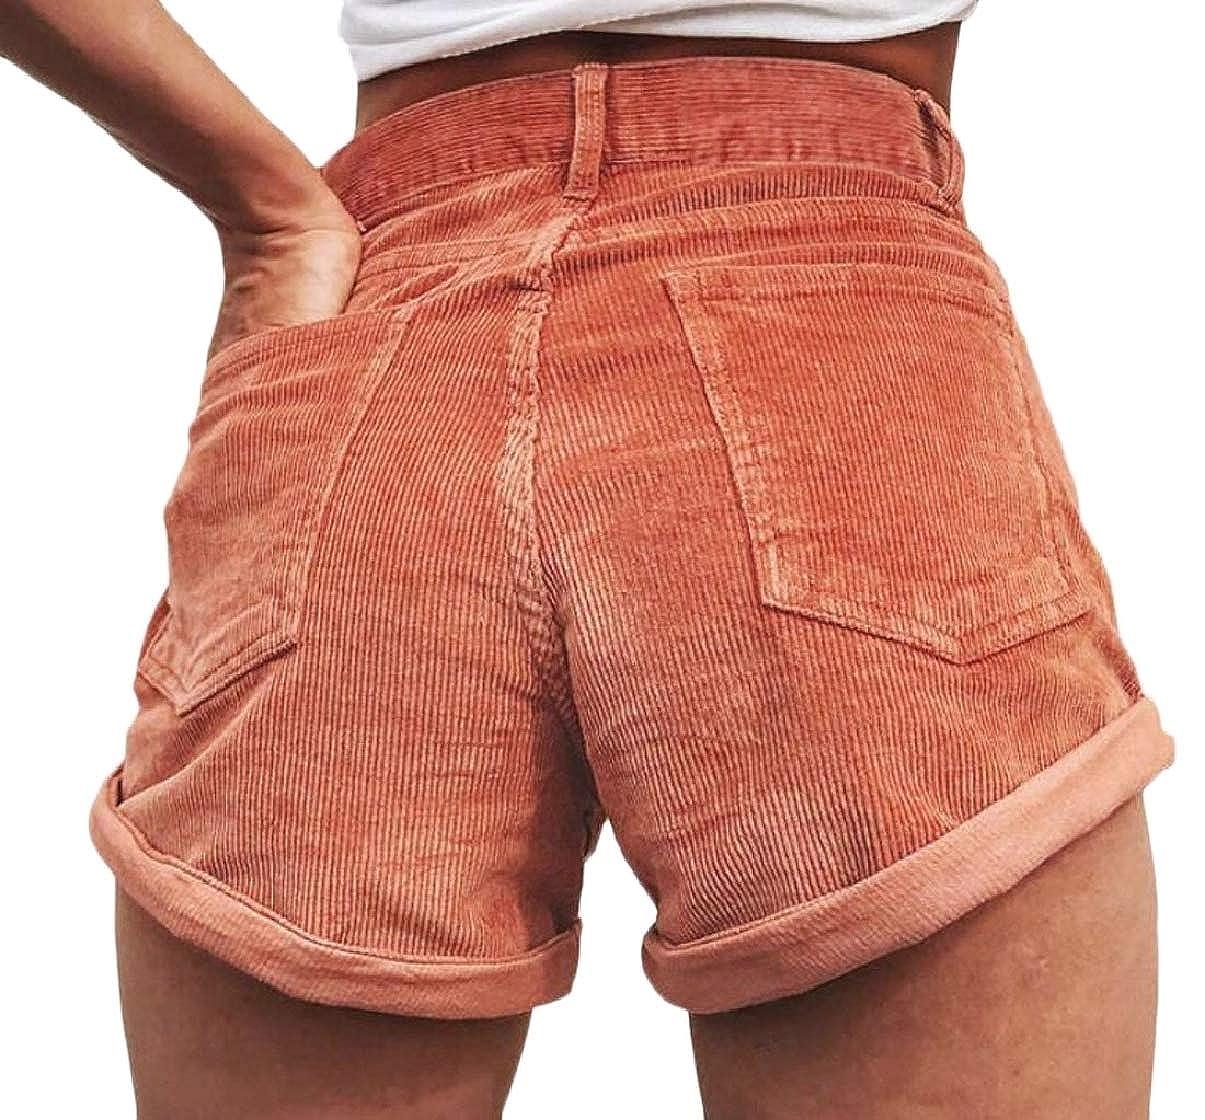 Xswsy XG Womens Summer Corduroy Stretch Wide Leg Shorts